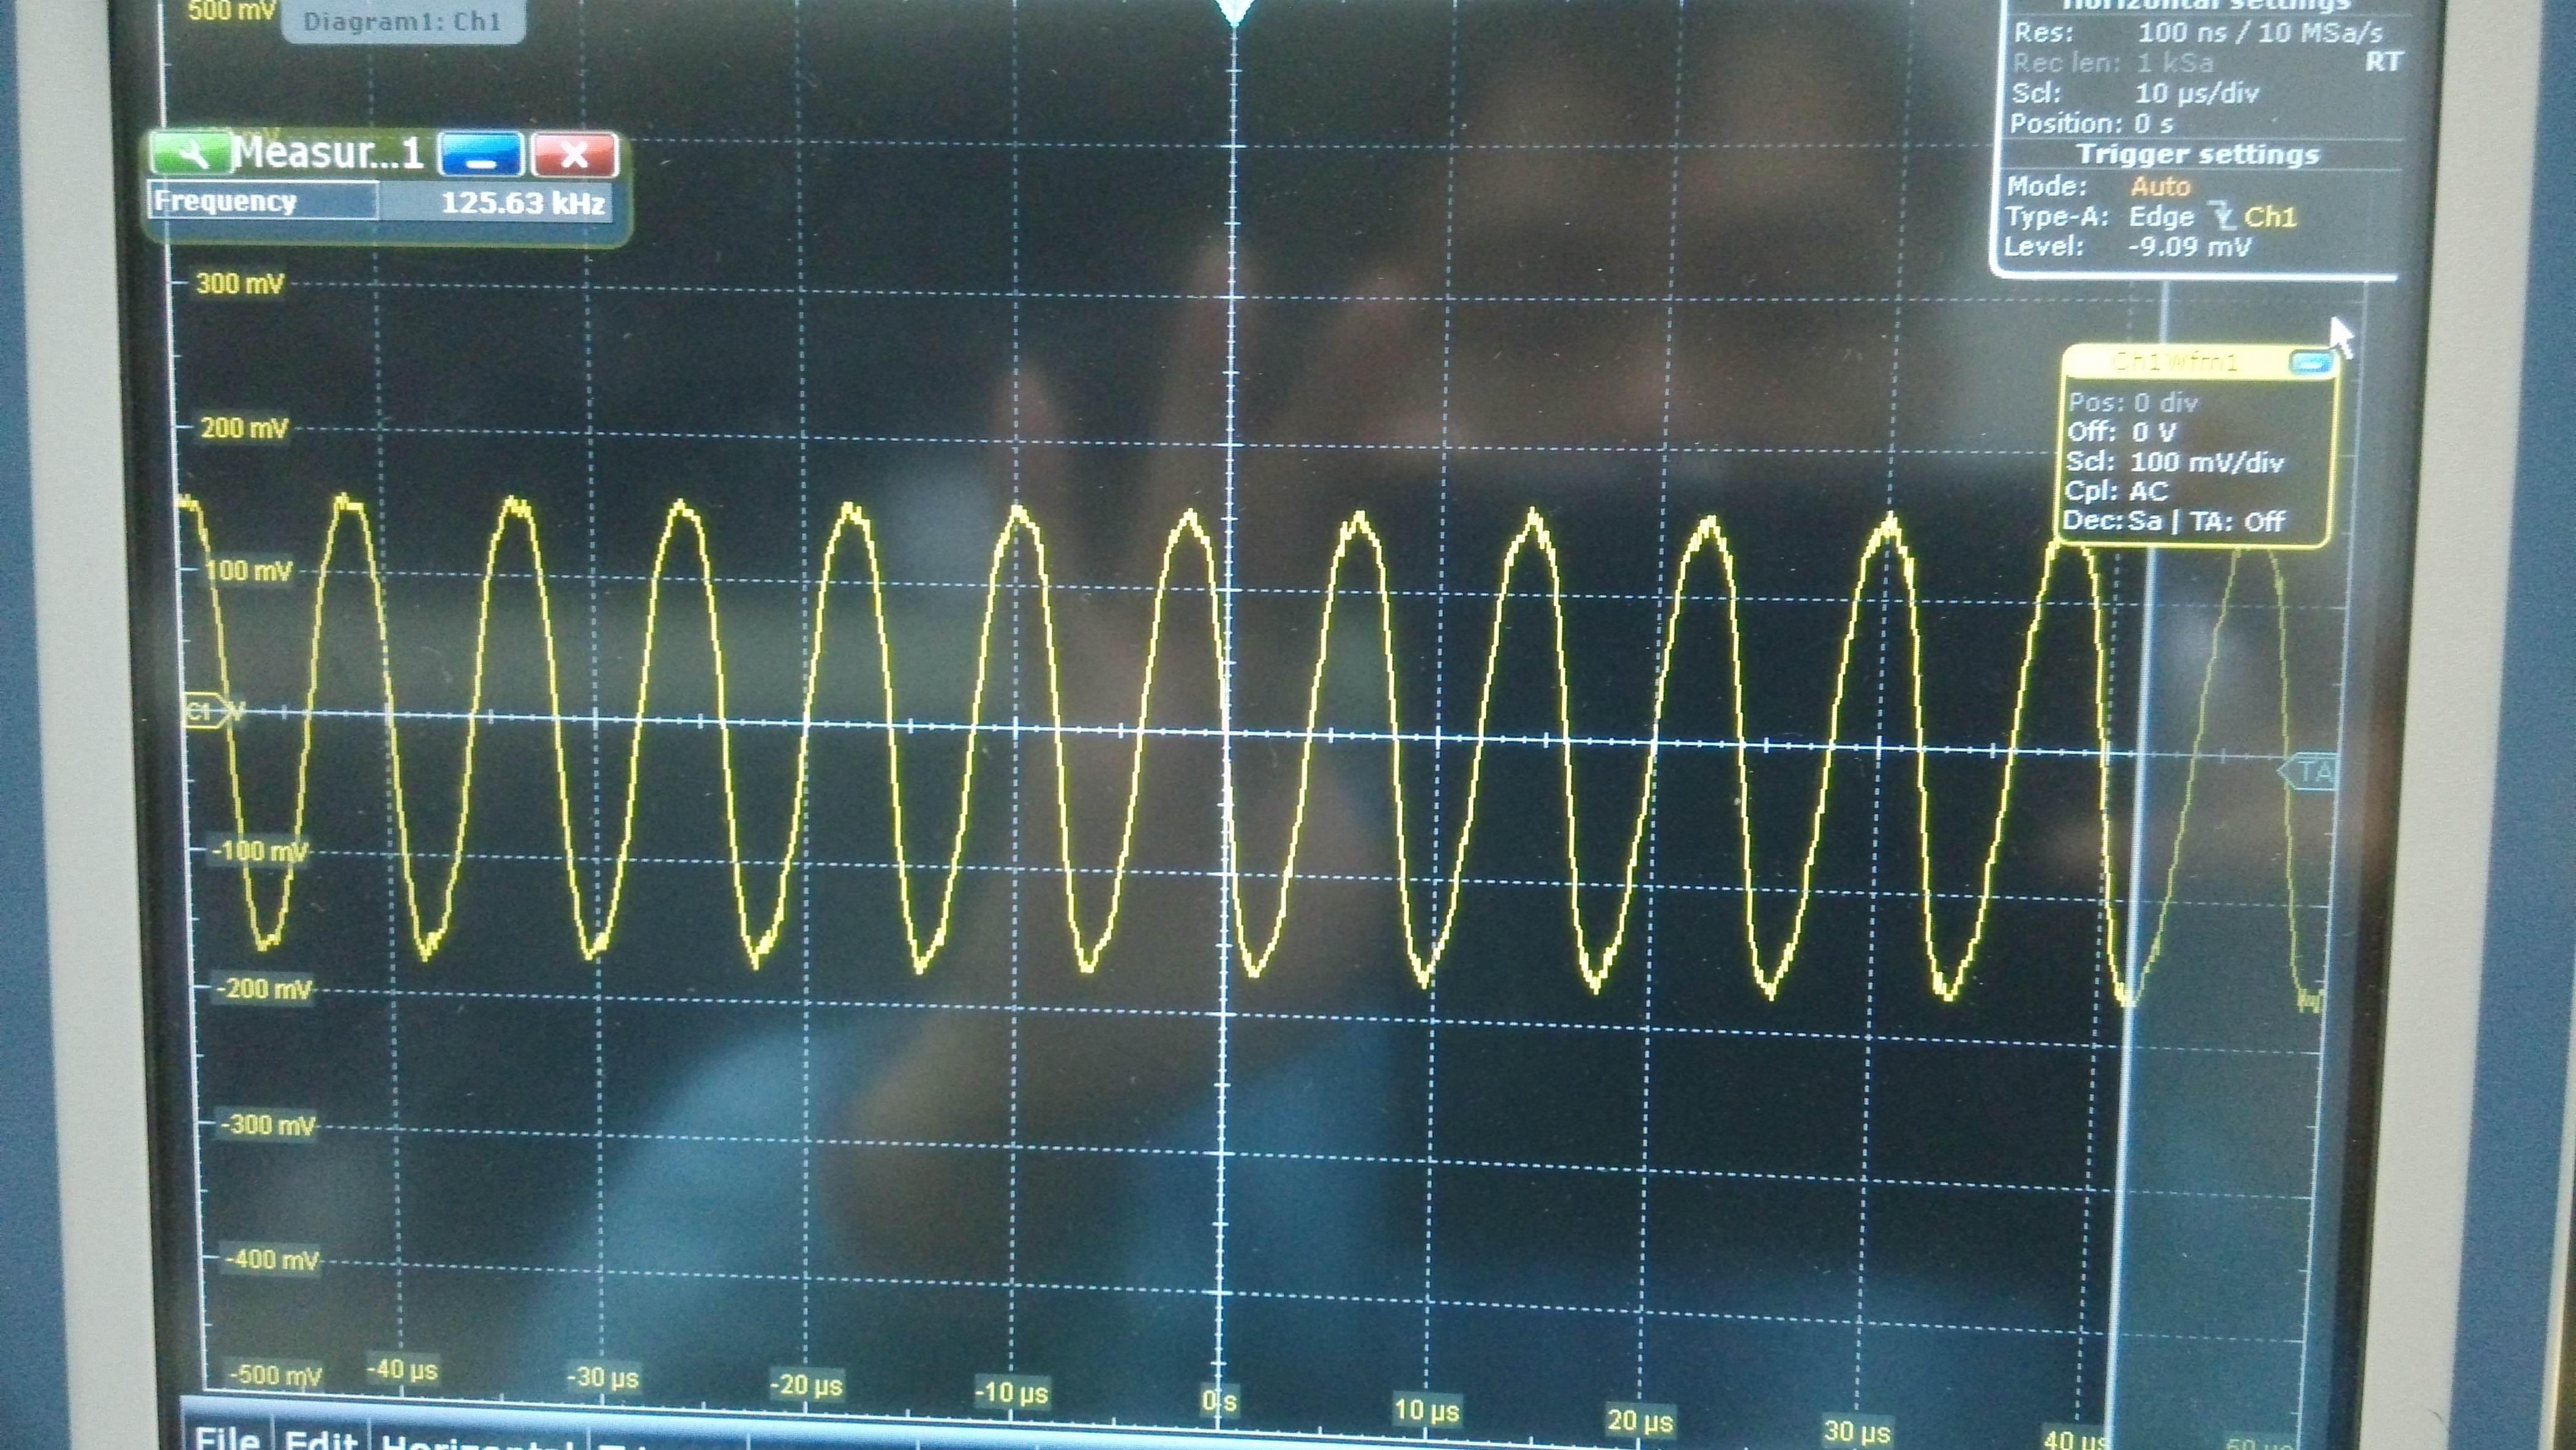 dac8760输出叠加了300mv的正弦波,需要直流.